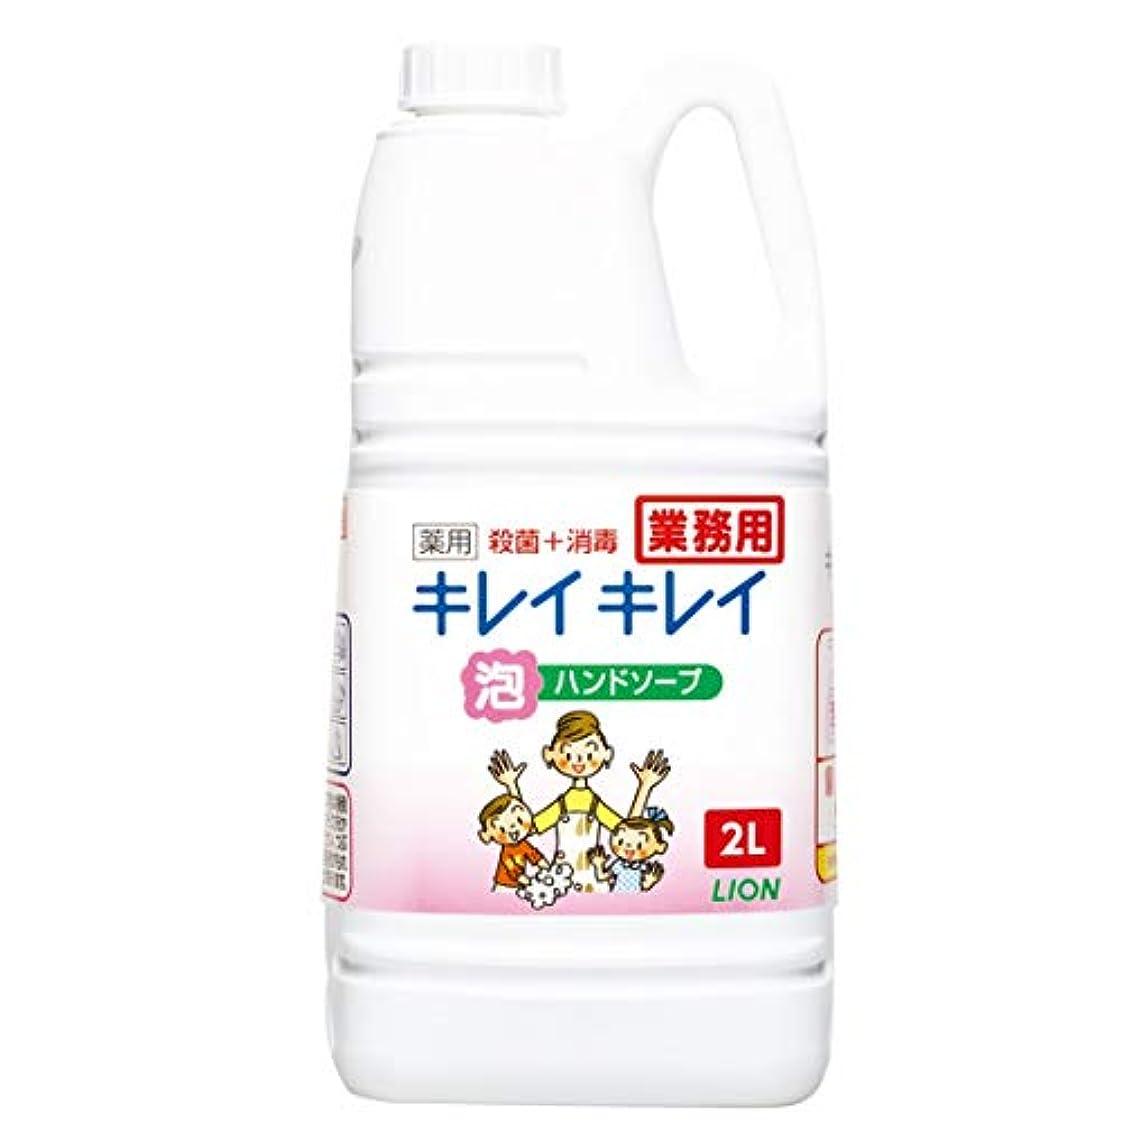 つかむ器具過度の【業務用 大容量】キレイキレイ 薬用 泡ハンドソープ シトラスフルーティの香り 2L (医薬部外品) 液体 単品